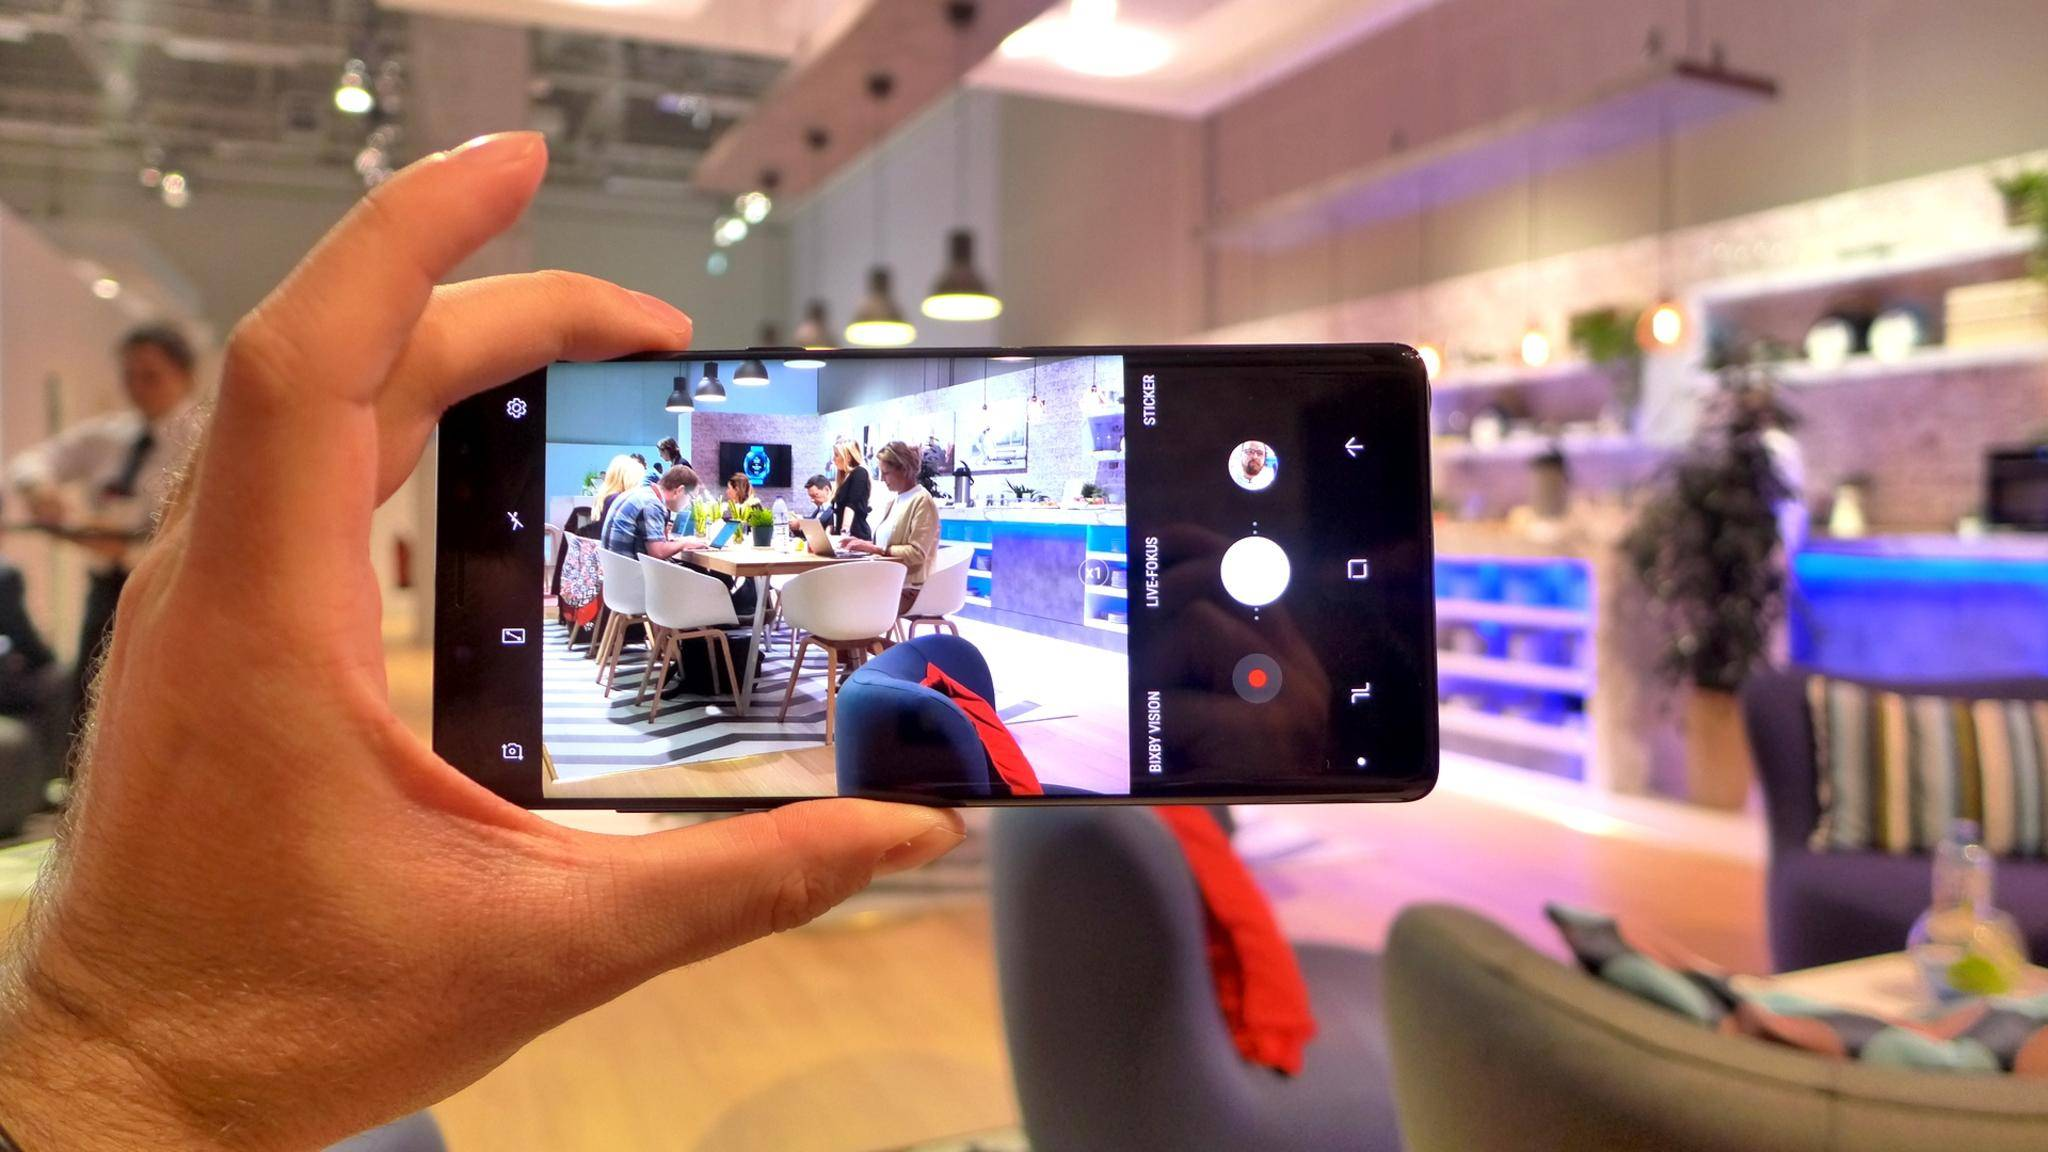 Das Galaxy Note 8 soll nach einem Update auch in 4K mit 60 Bildern pro Sekunde filmen können.